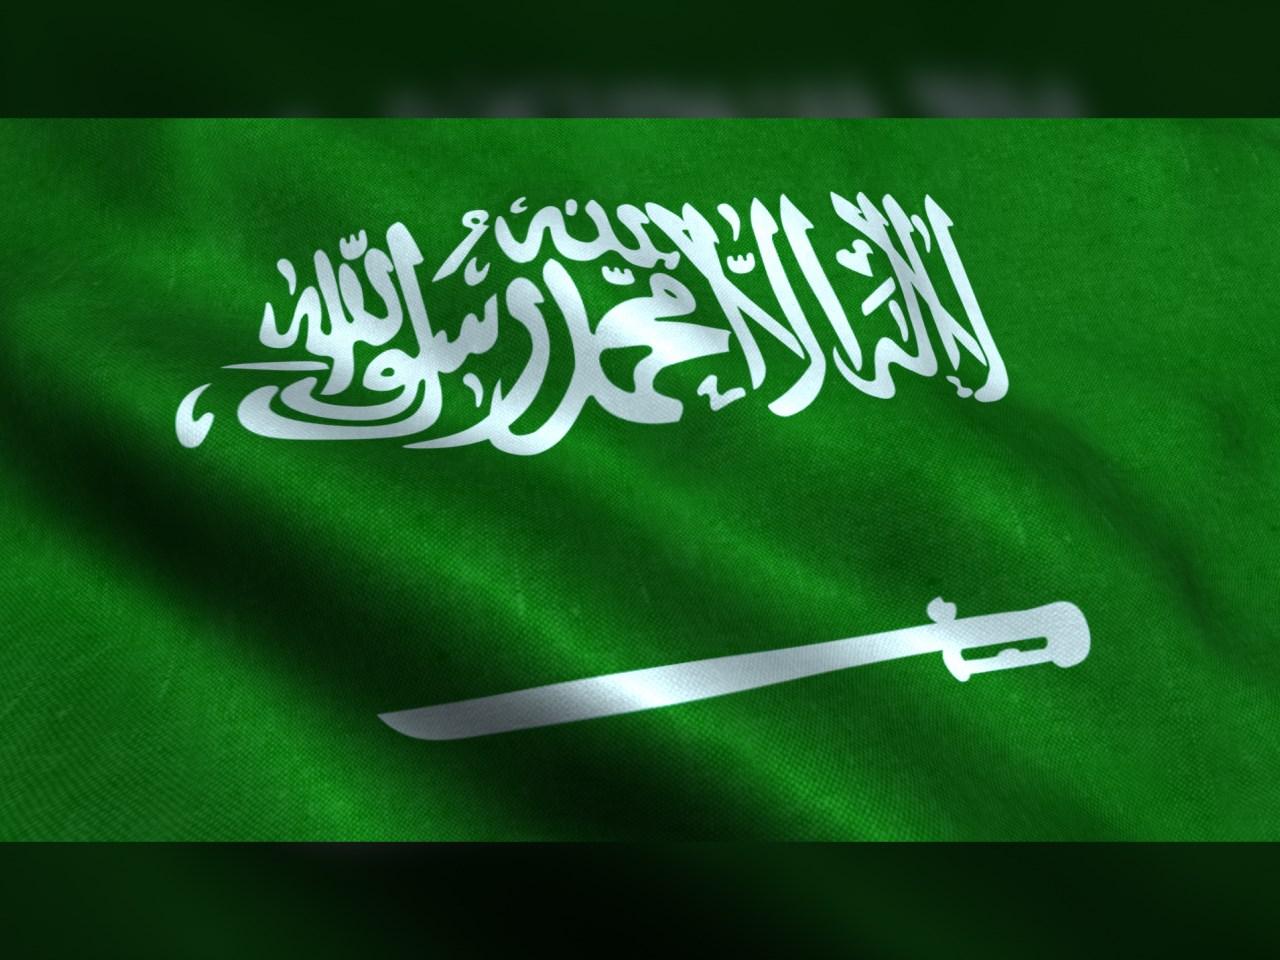 Saudi Arabia flag.jpg